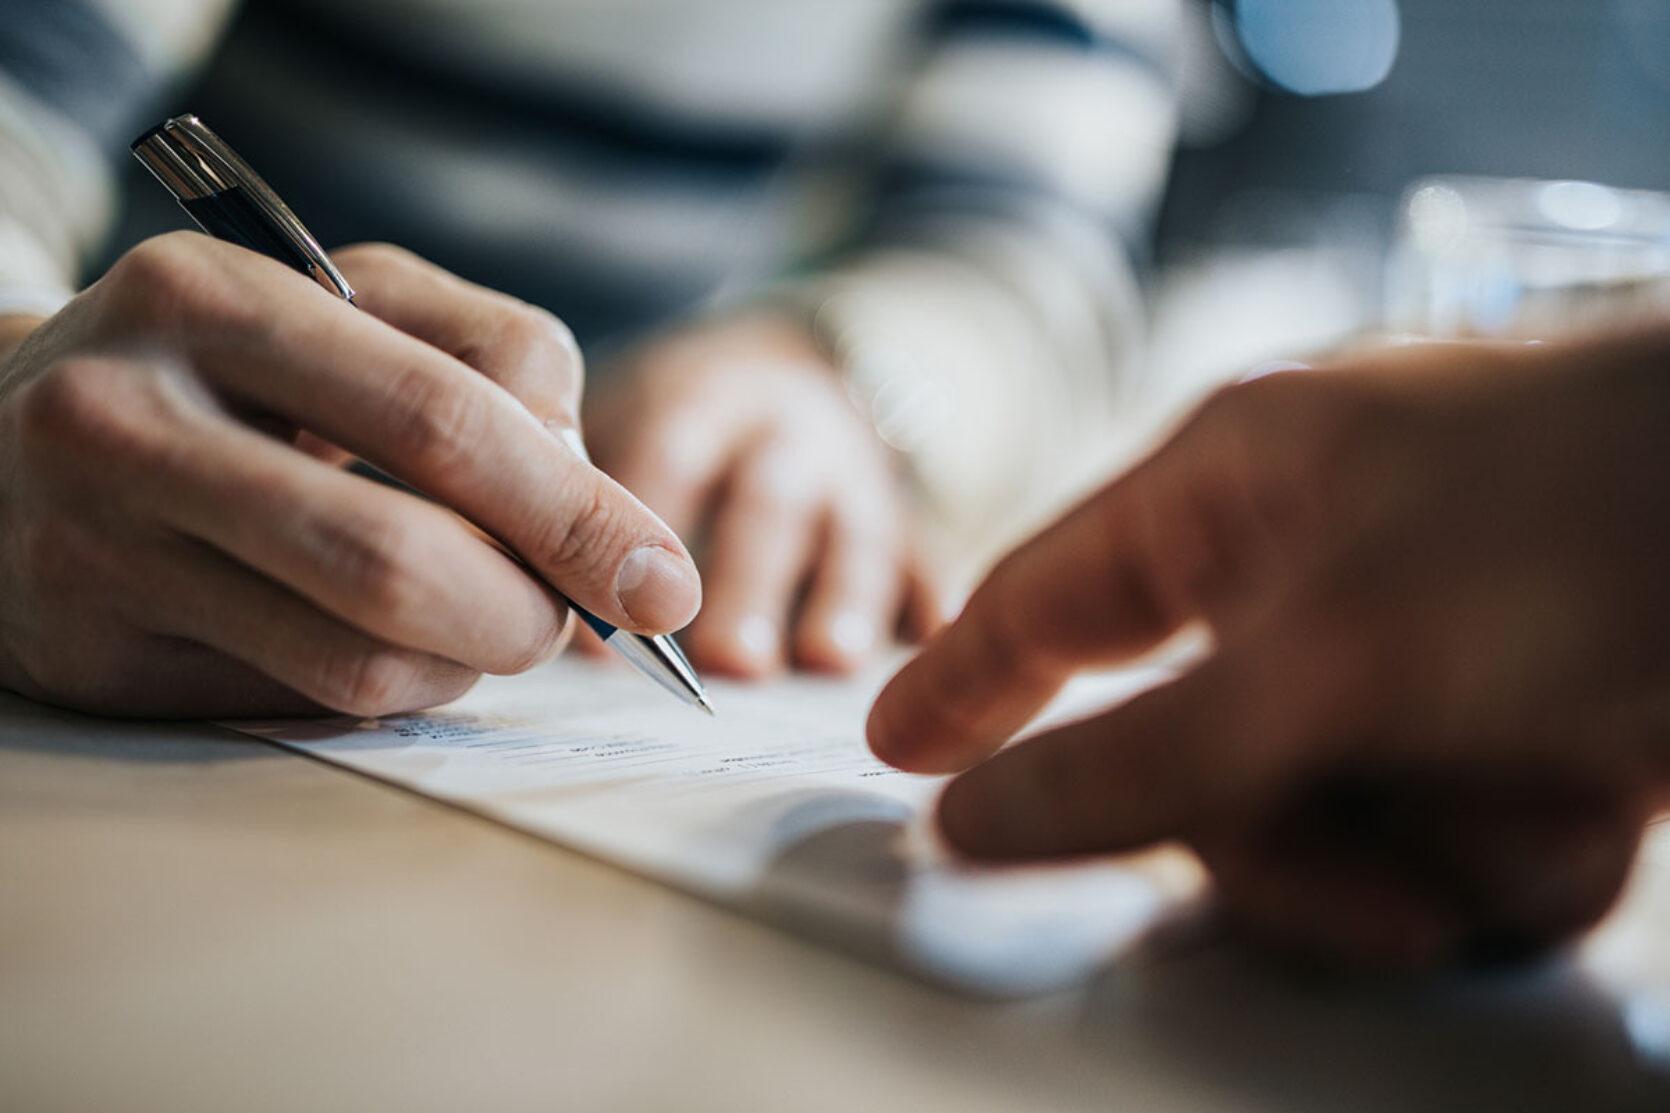 Nærbilde tre hender på et bord med en kontrakt, en skriver under og en peker på dokumentet.